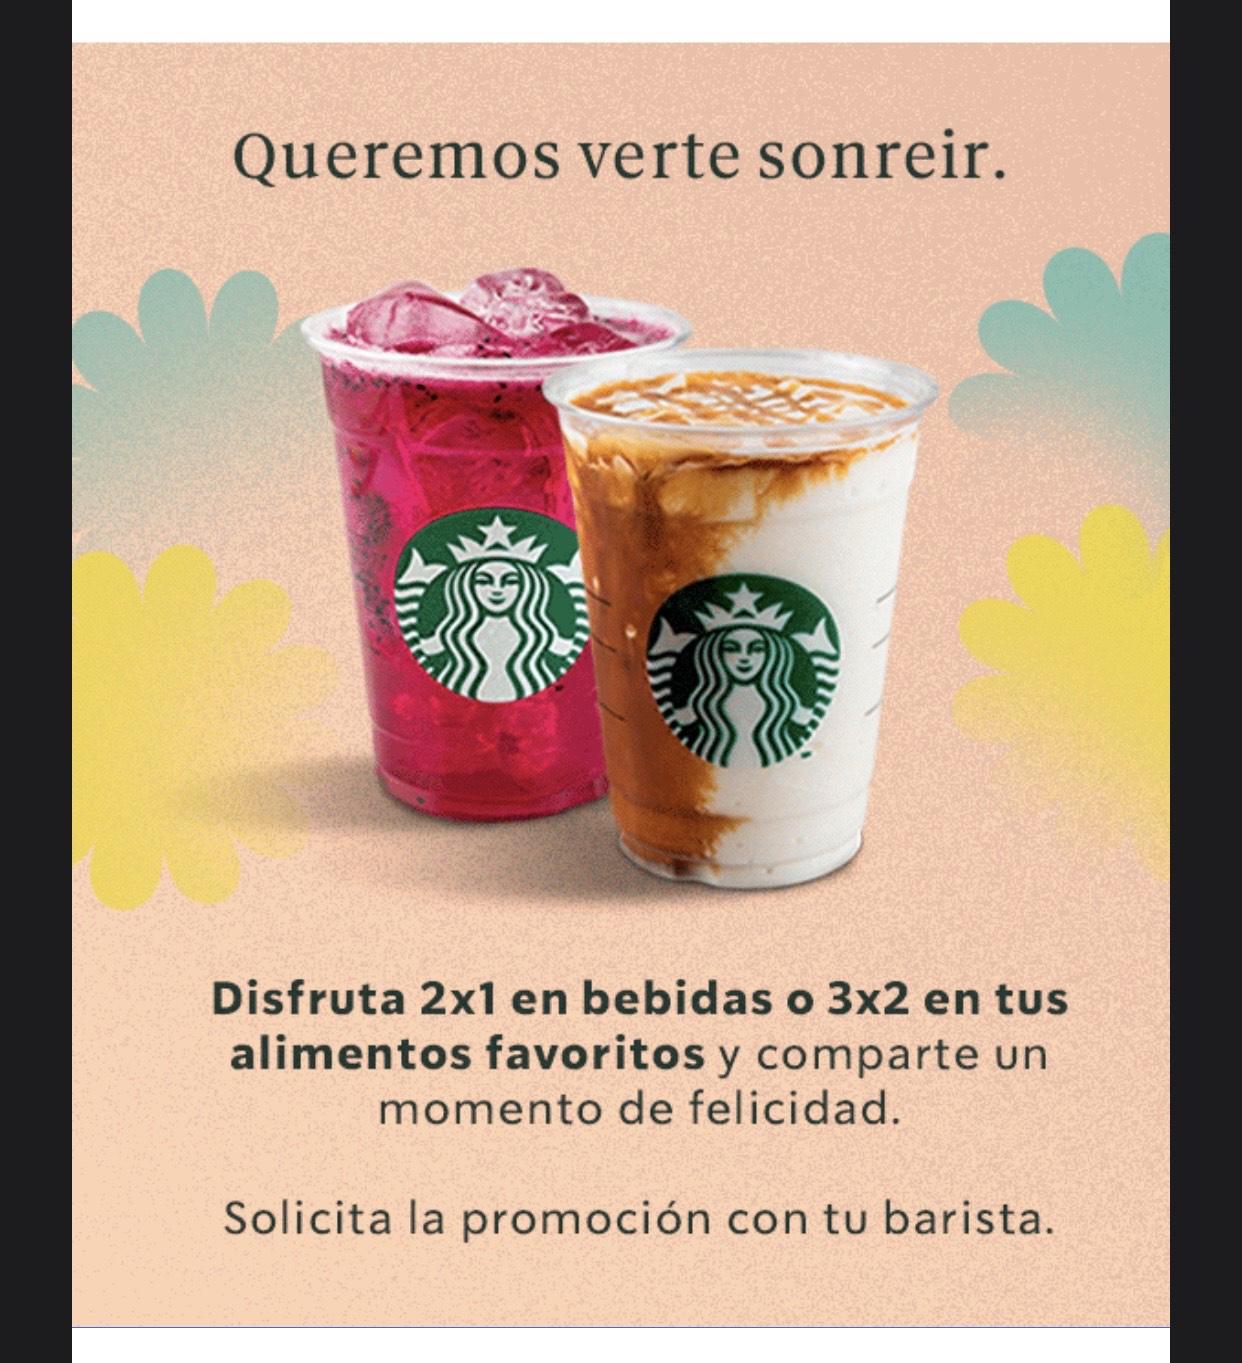 Starbucks 2x1 en café 3x2 en alimentos